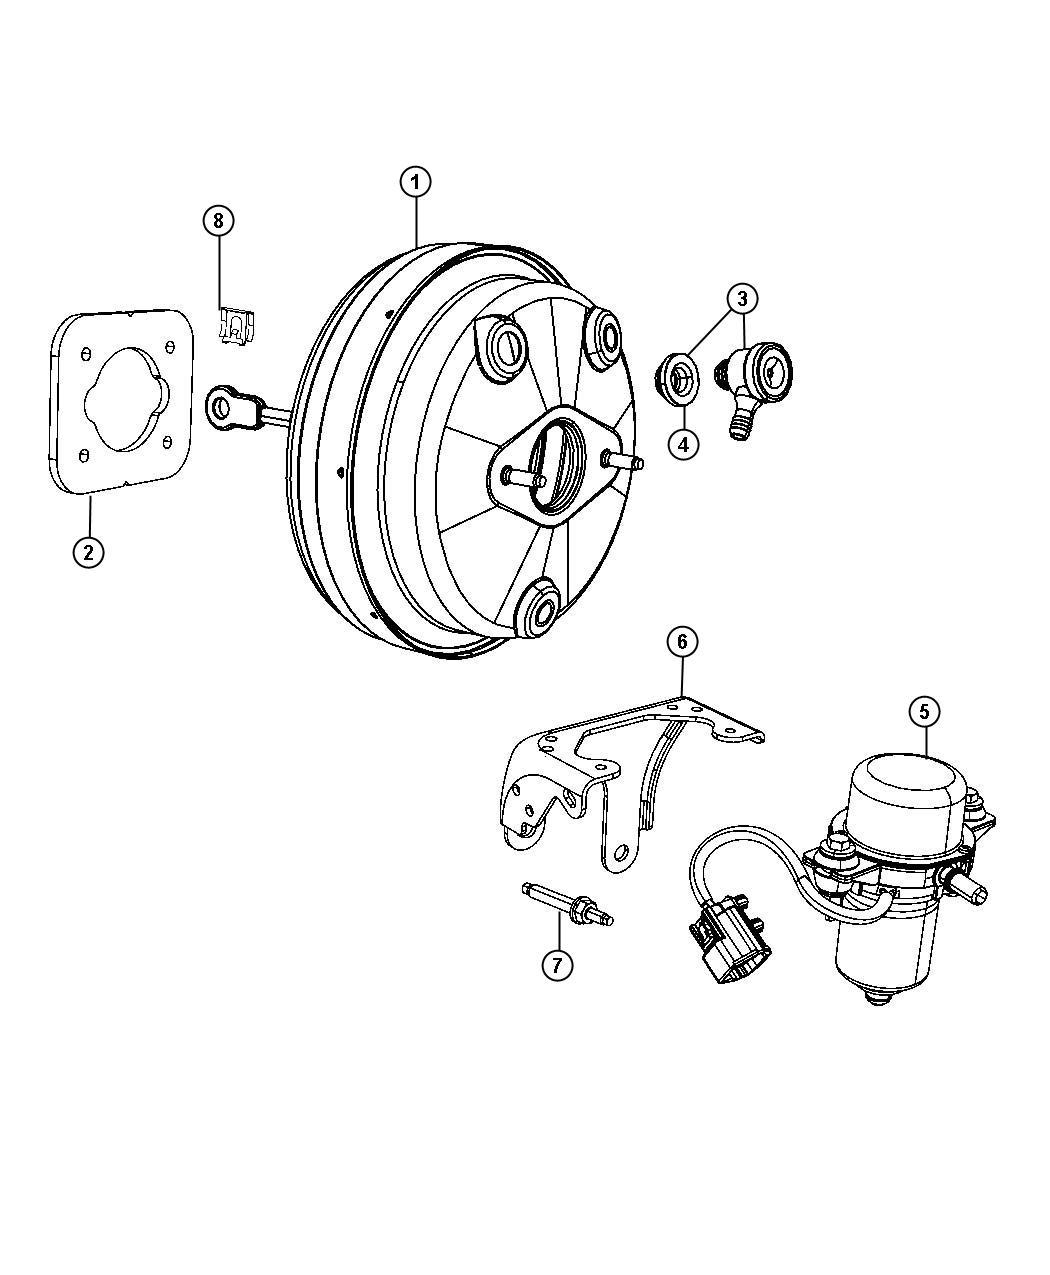 2013 Dodge Avenger Booster. Power brake. [3.6l v6 vvt